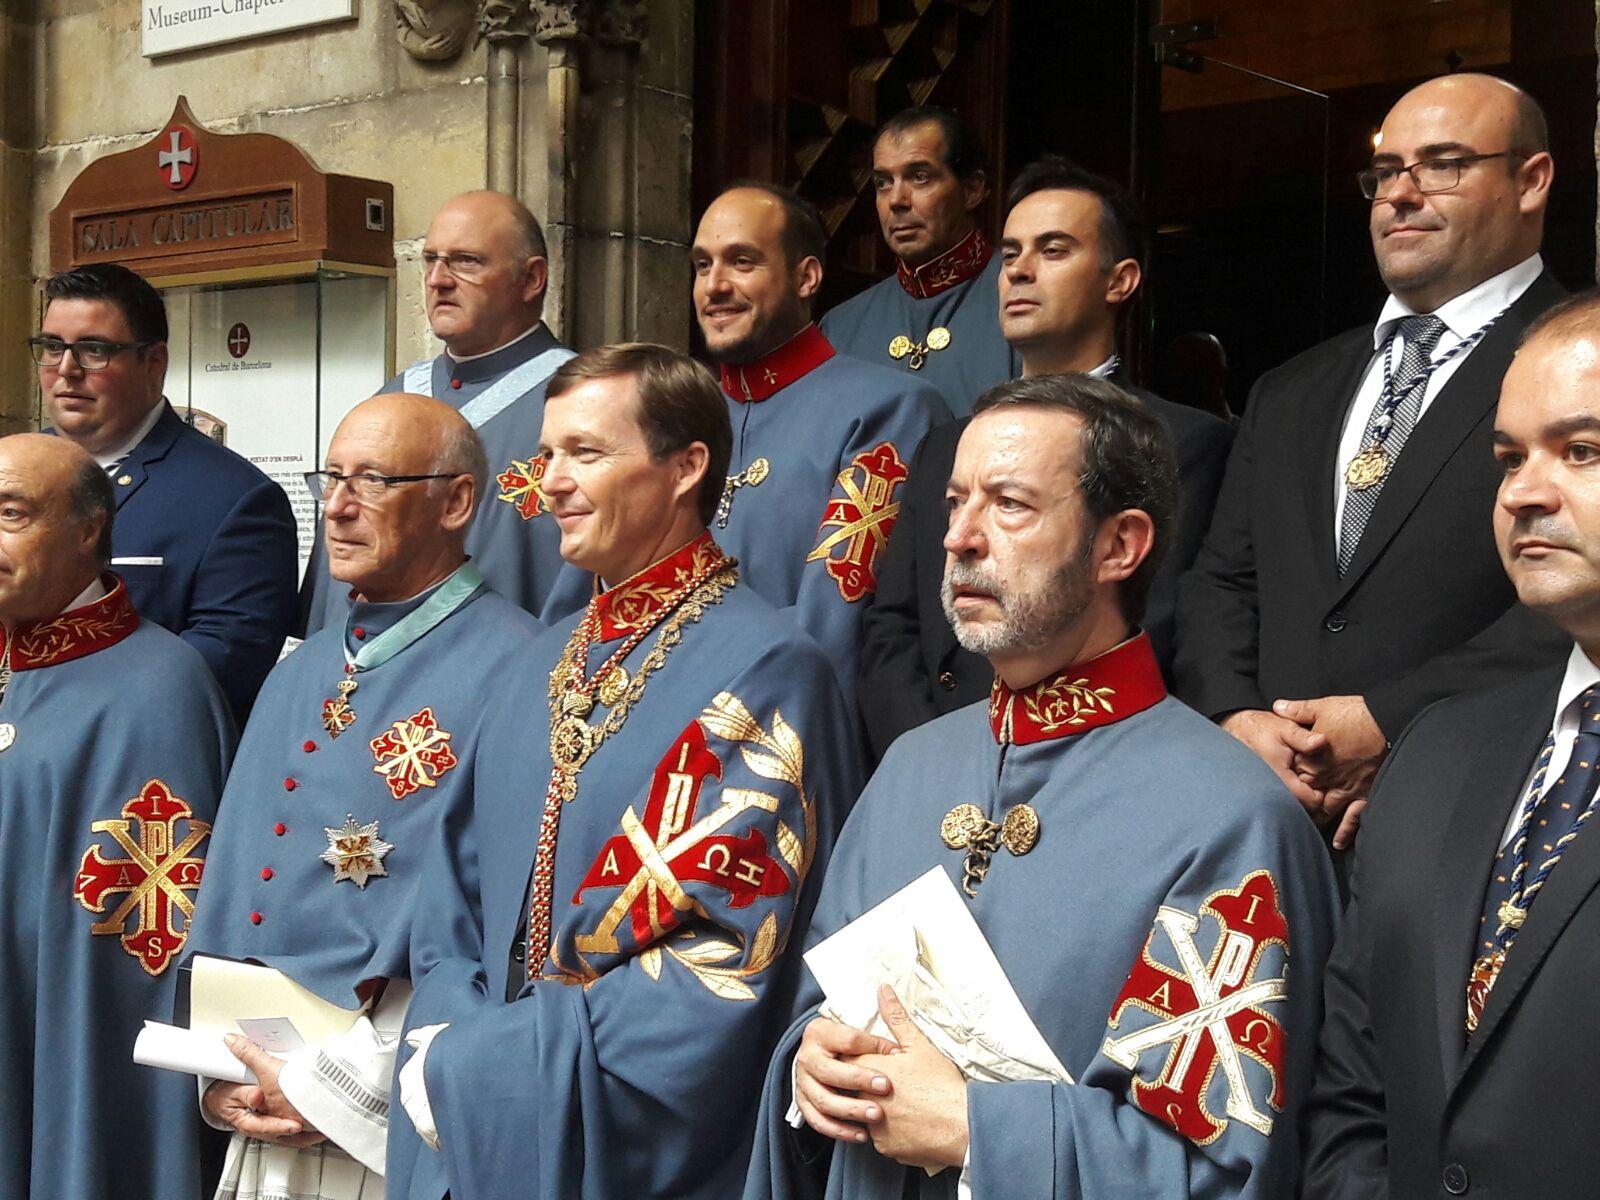 El duque de Calabria en la catedral de Barcelona el 30 de septiembre